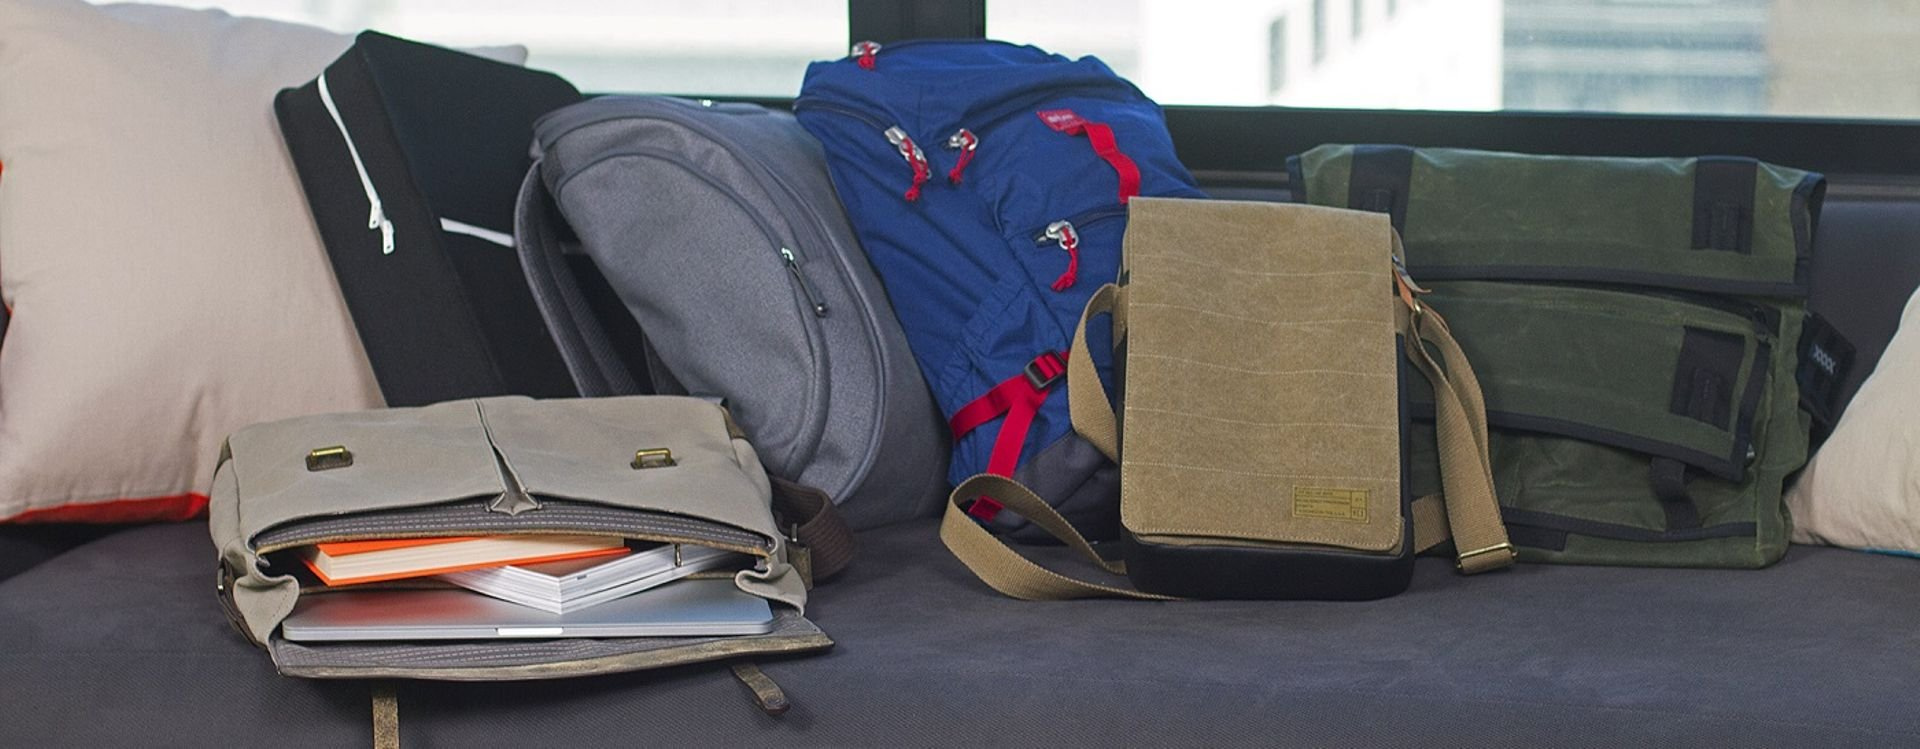 0dee9f30b3e15 تقسم حقائب اللابتوب من حيث المادة المصنوعة منها الحقيبة إلى حقائب الجلد  الطبيعي، الجلد الصناعي